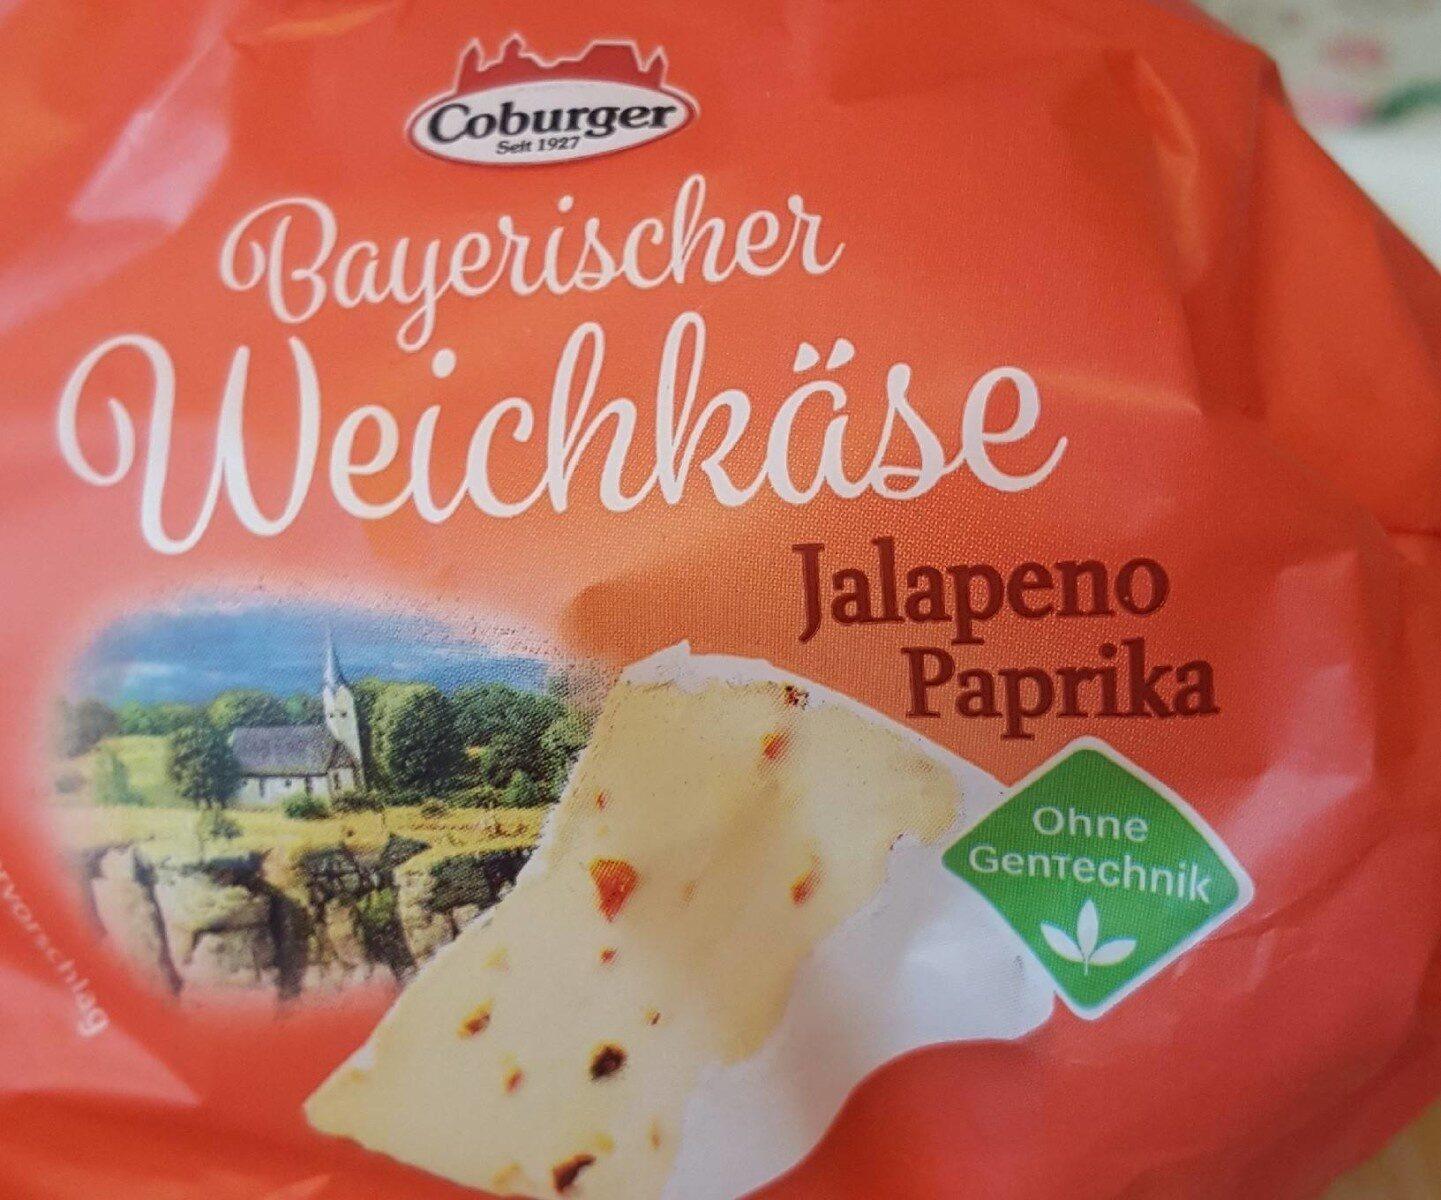 Bayerischer weichkase - Produit